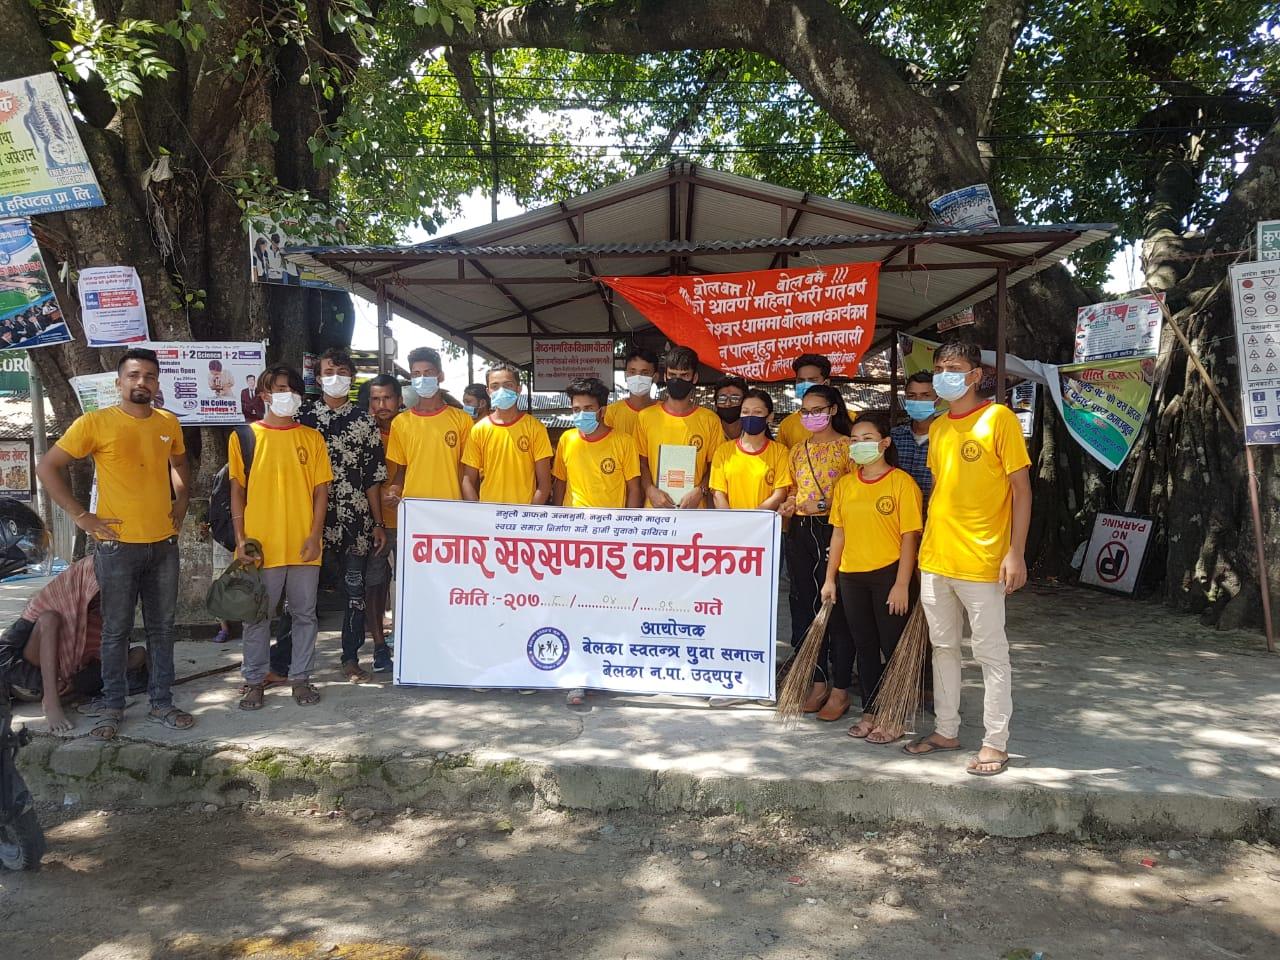 बेलका स्वतन्त्र युवा समाजद्वारा रामपुर र लालबजार क्षेत्रको सरसफाई